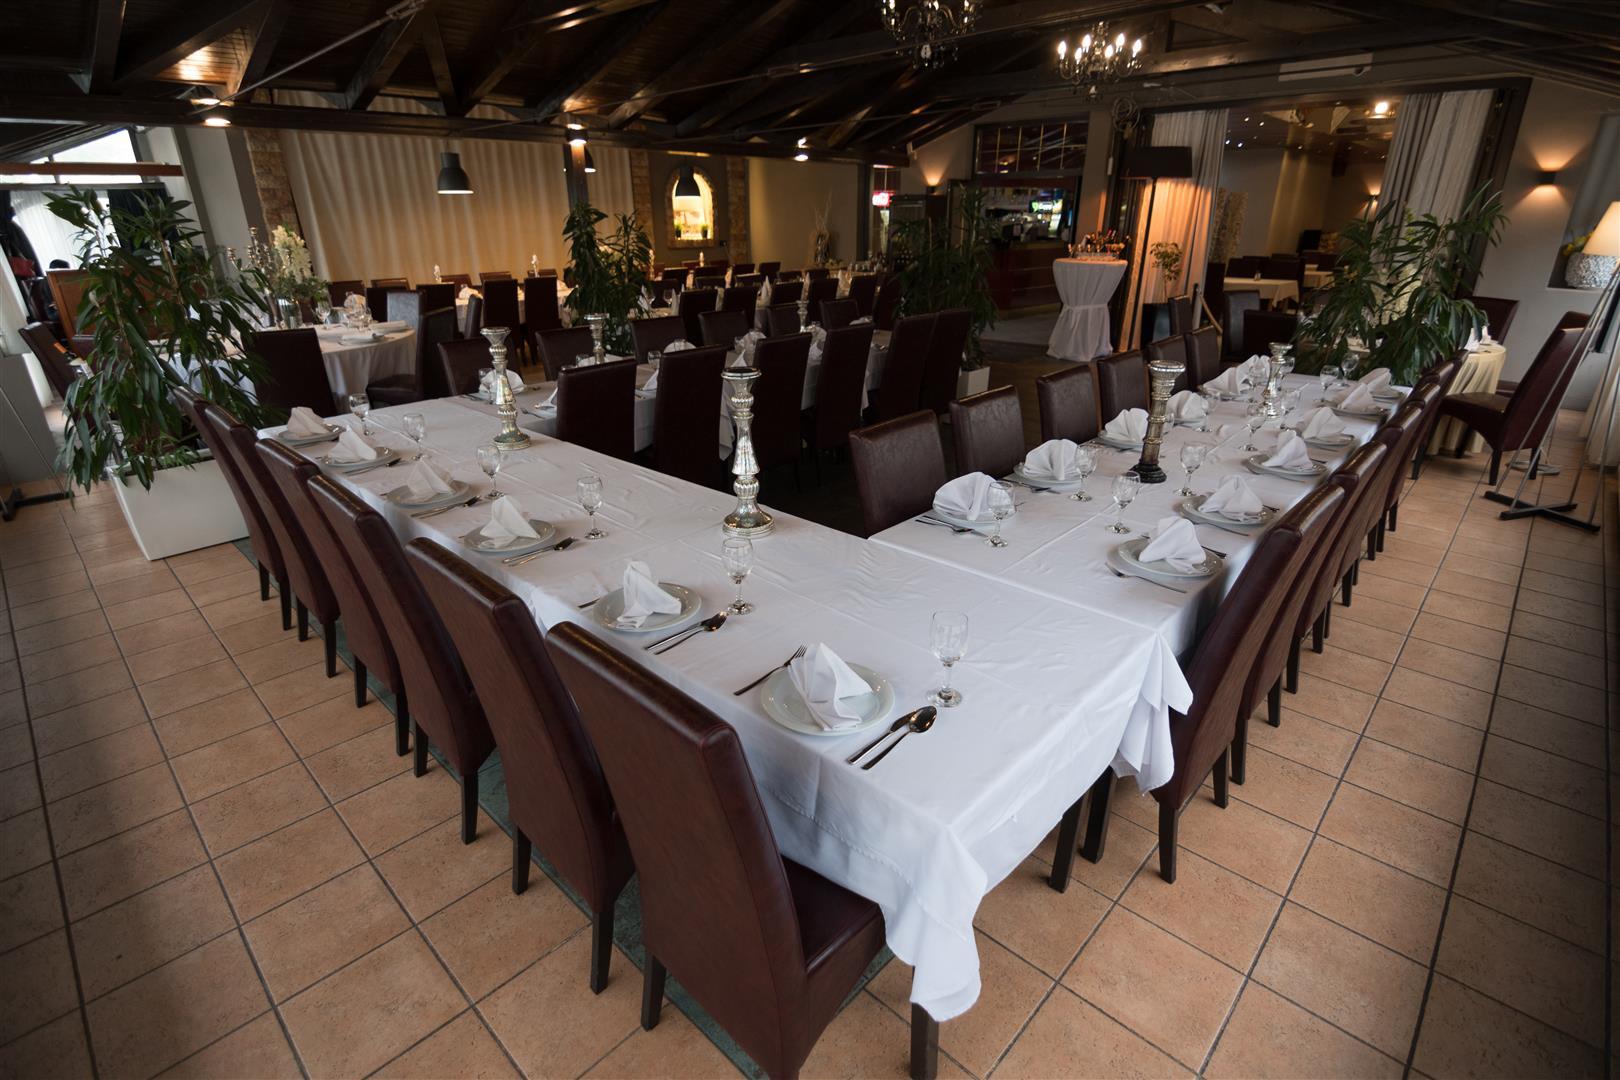 Mali raj - Restoran 20